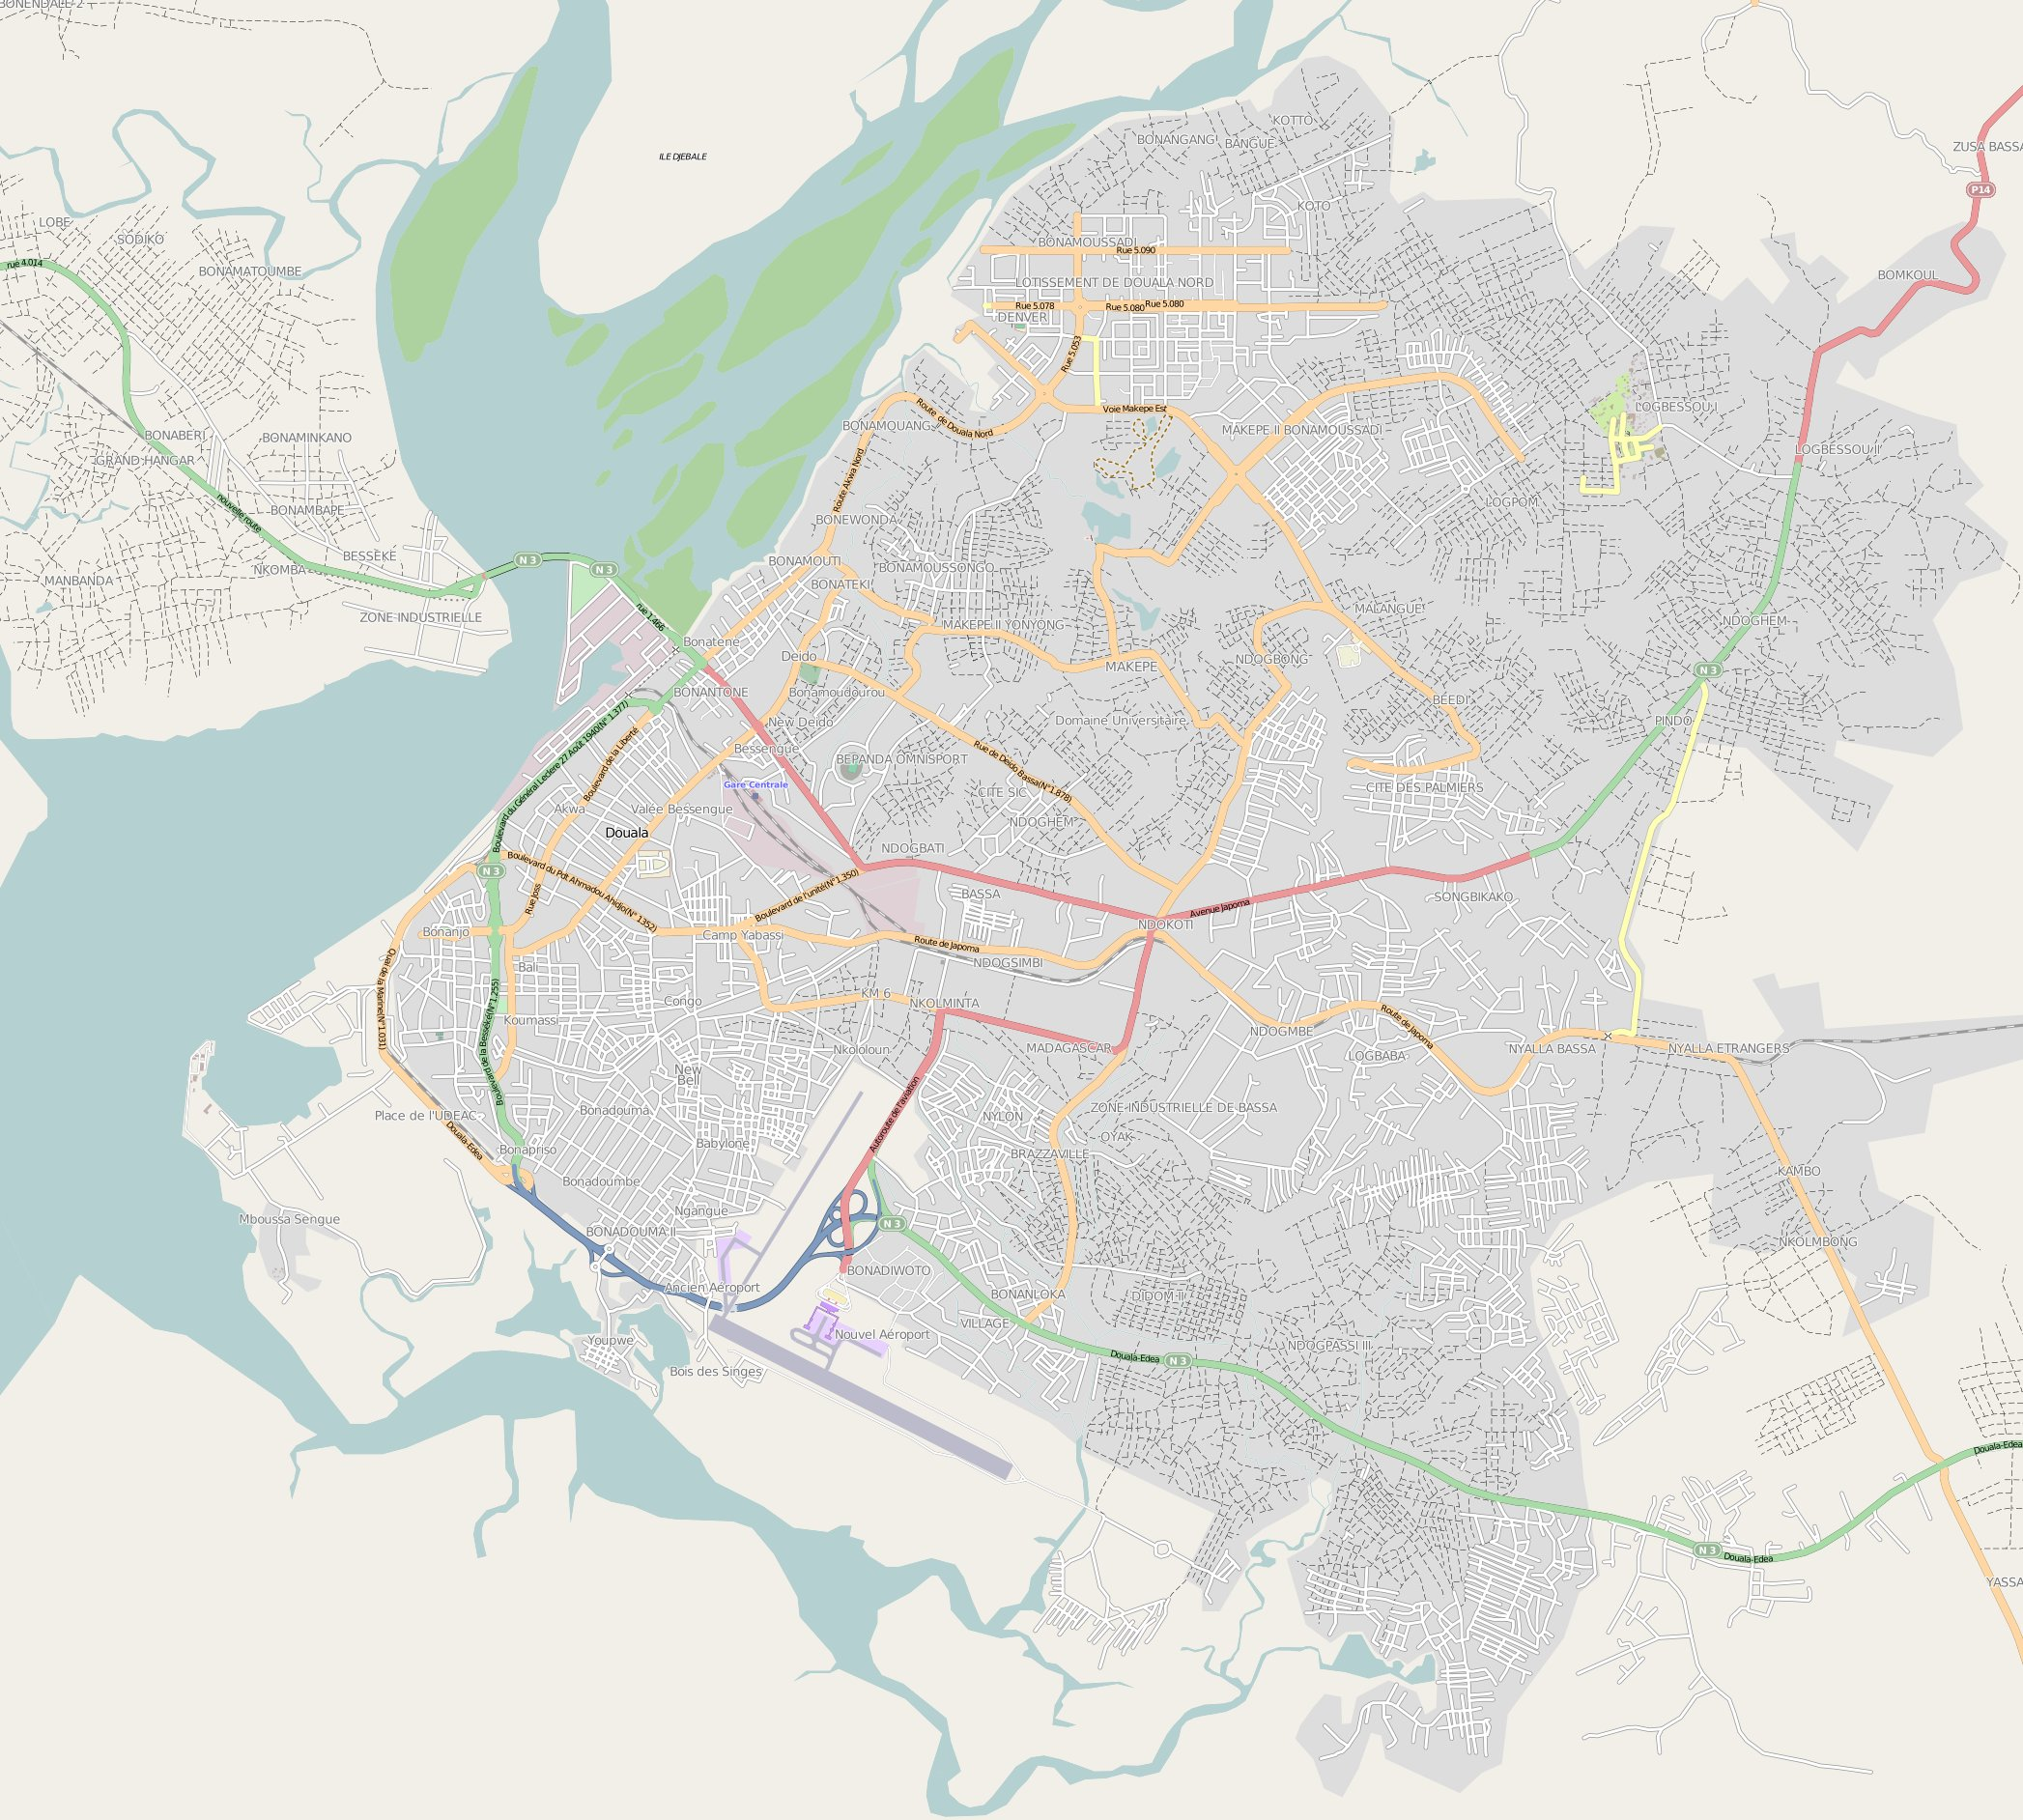 FileMap Doualajpg Wikimedia Commons